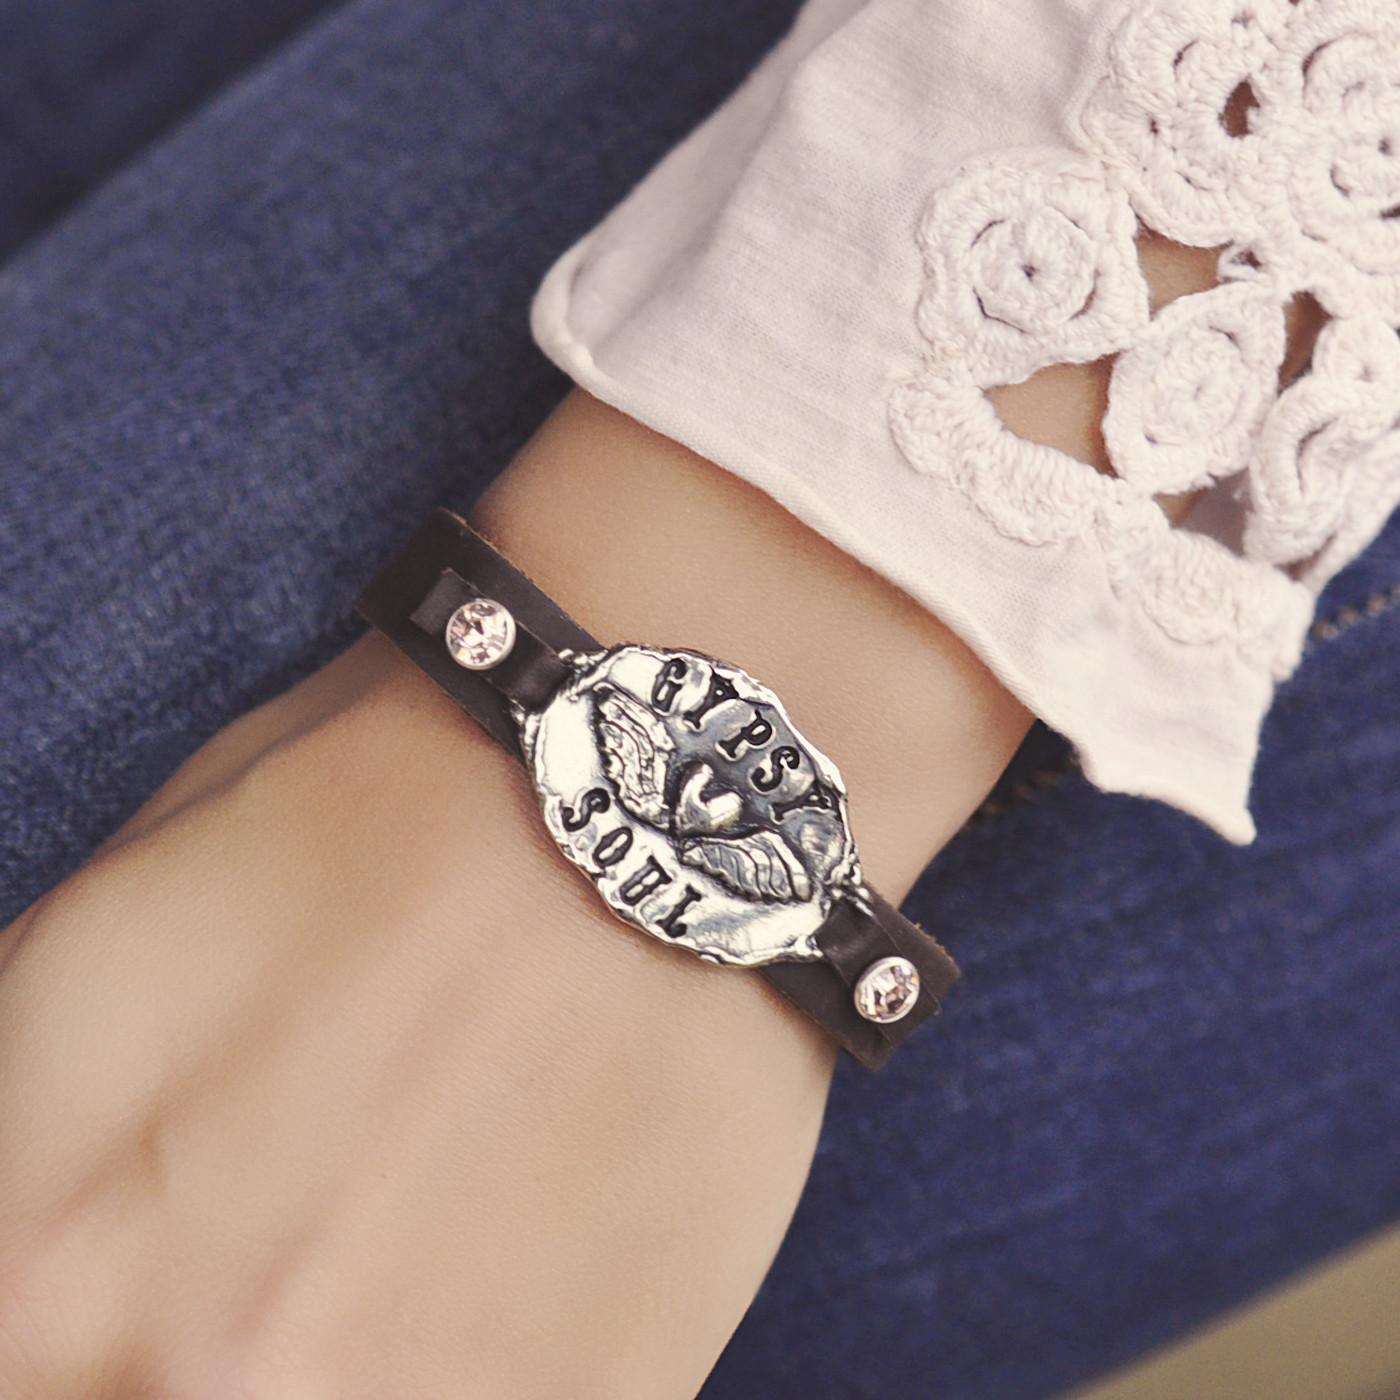 b457_necklace_GypsyHeart-2_ic.jpg